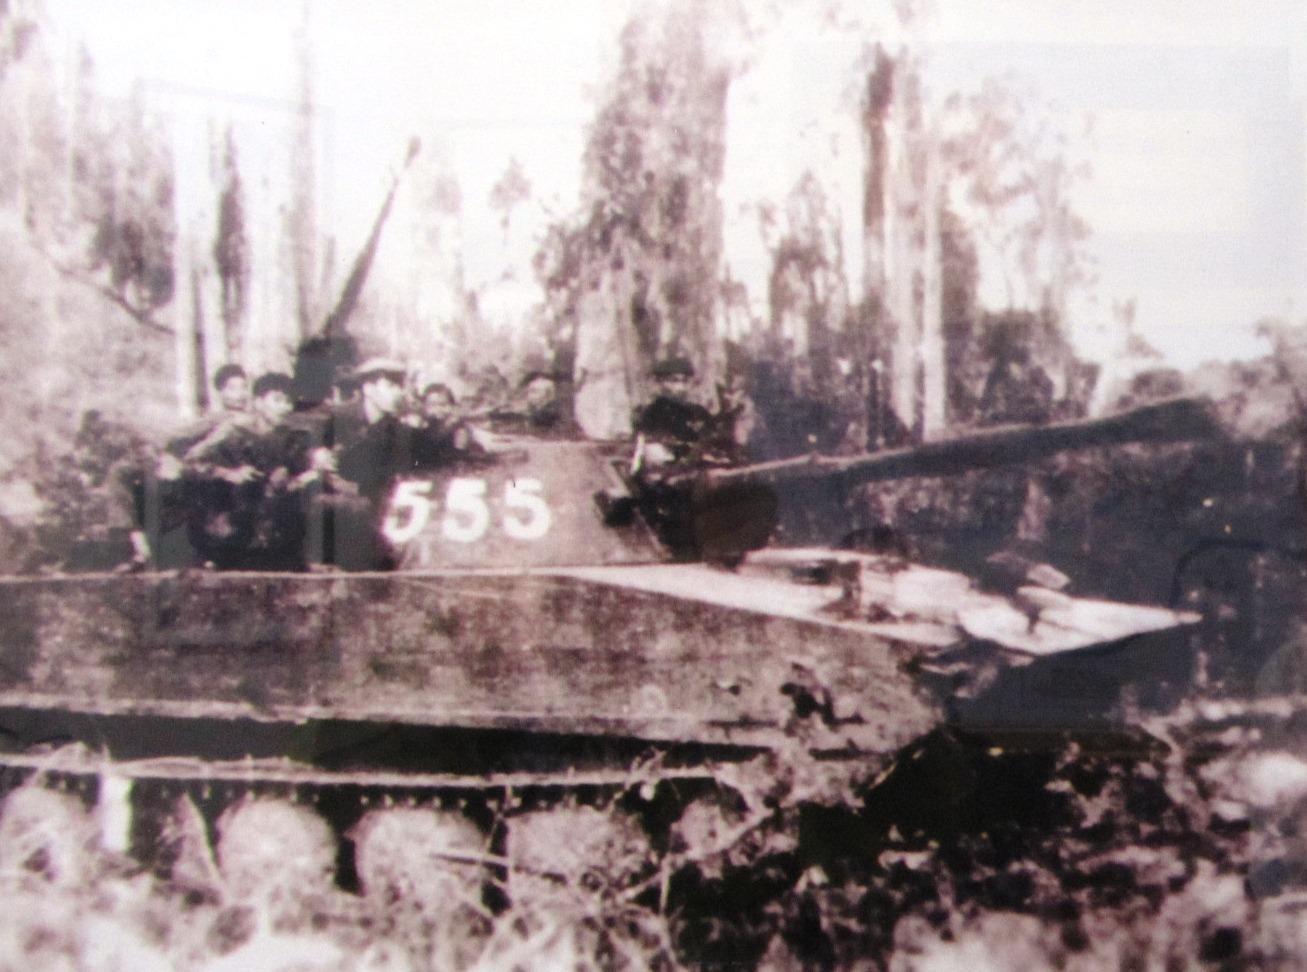 Tác chiến hiệp đồng binh chủng trong trận then chốt chiến dịch Ảnh 1